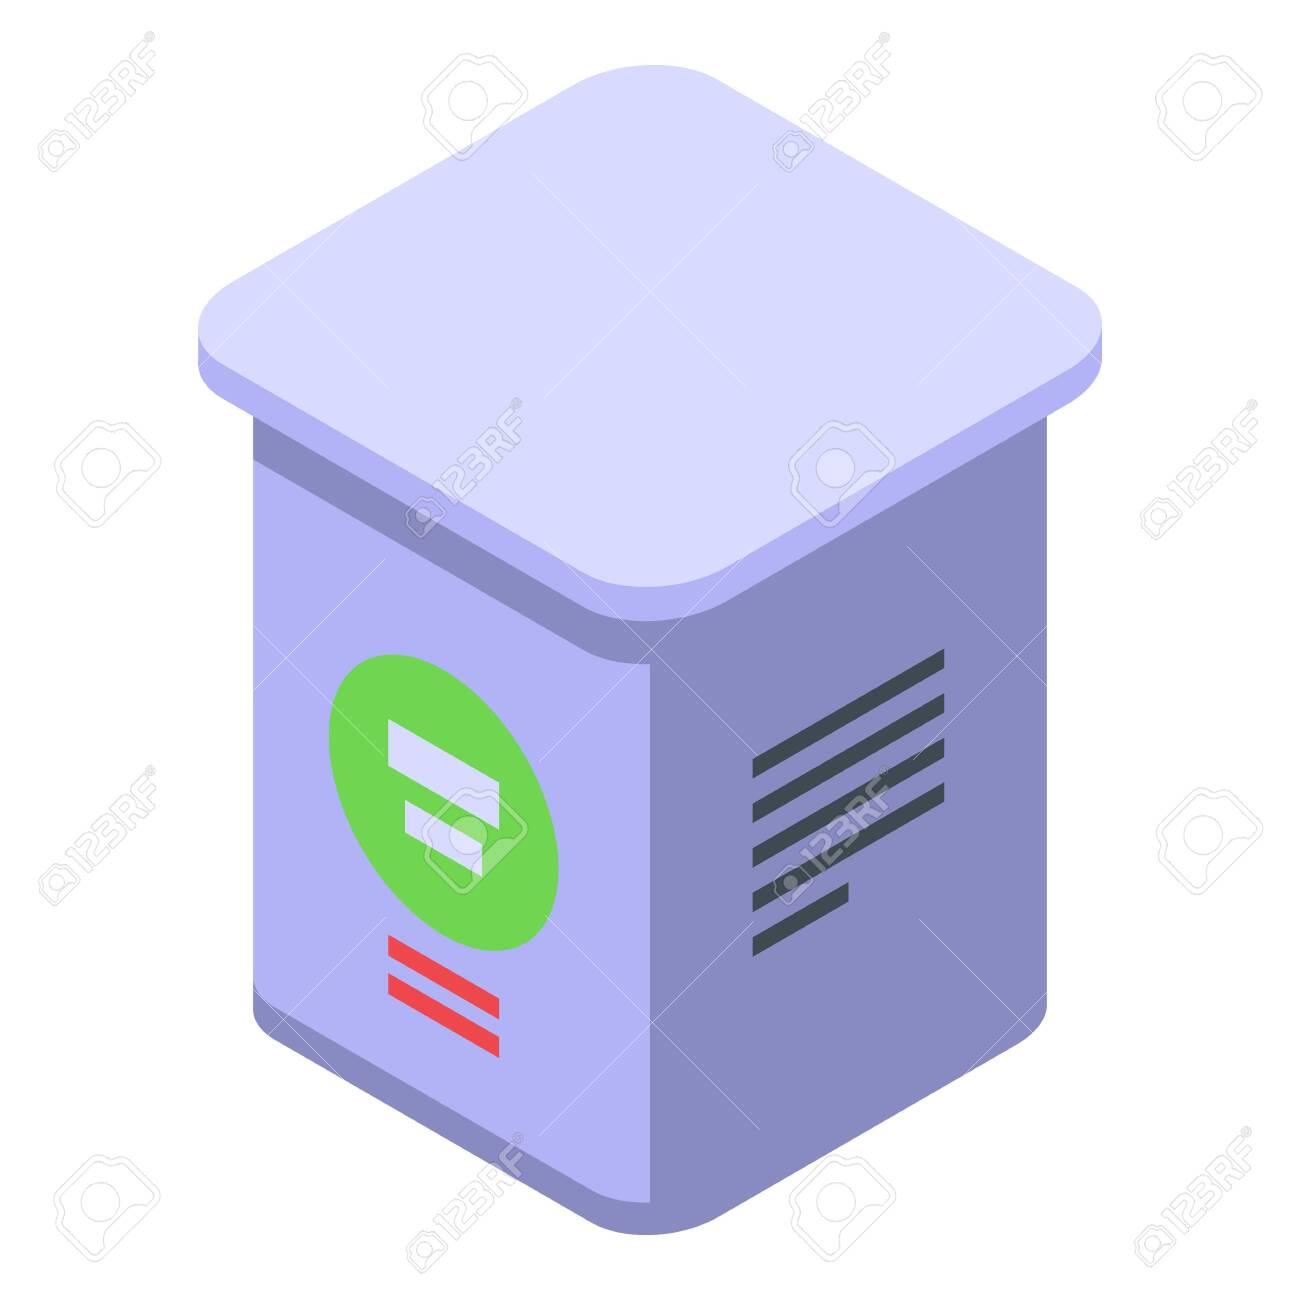 Farm sugar box icon, isometric style - 154412157